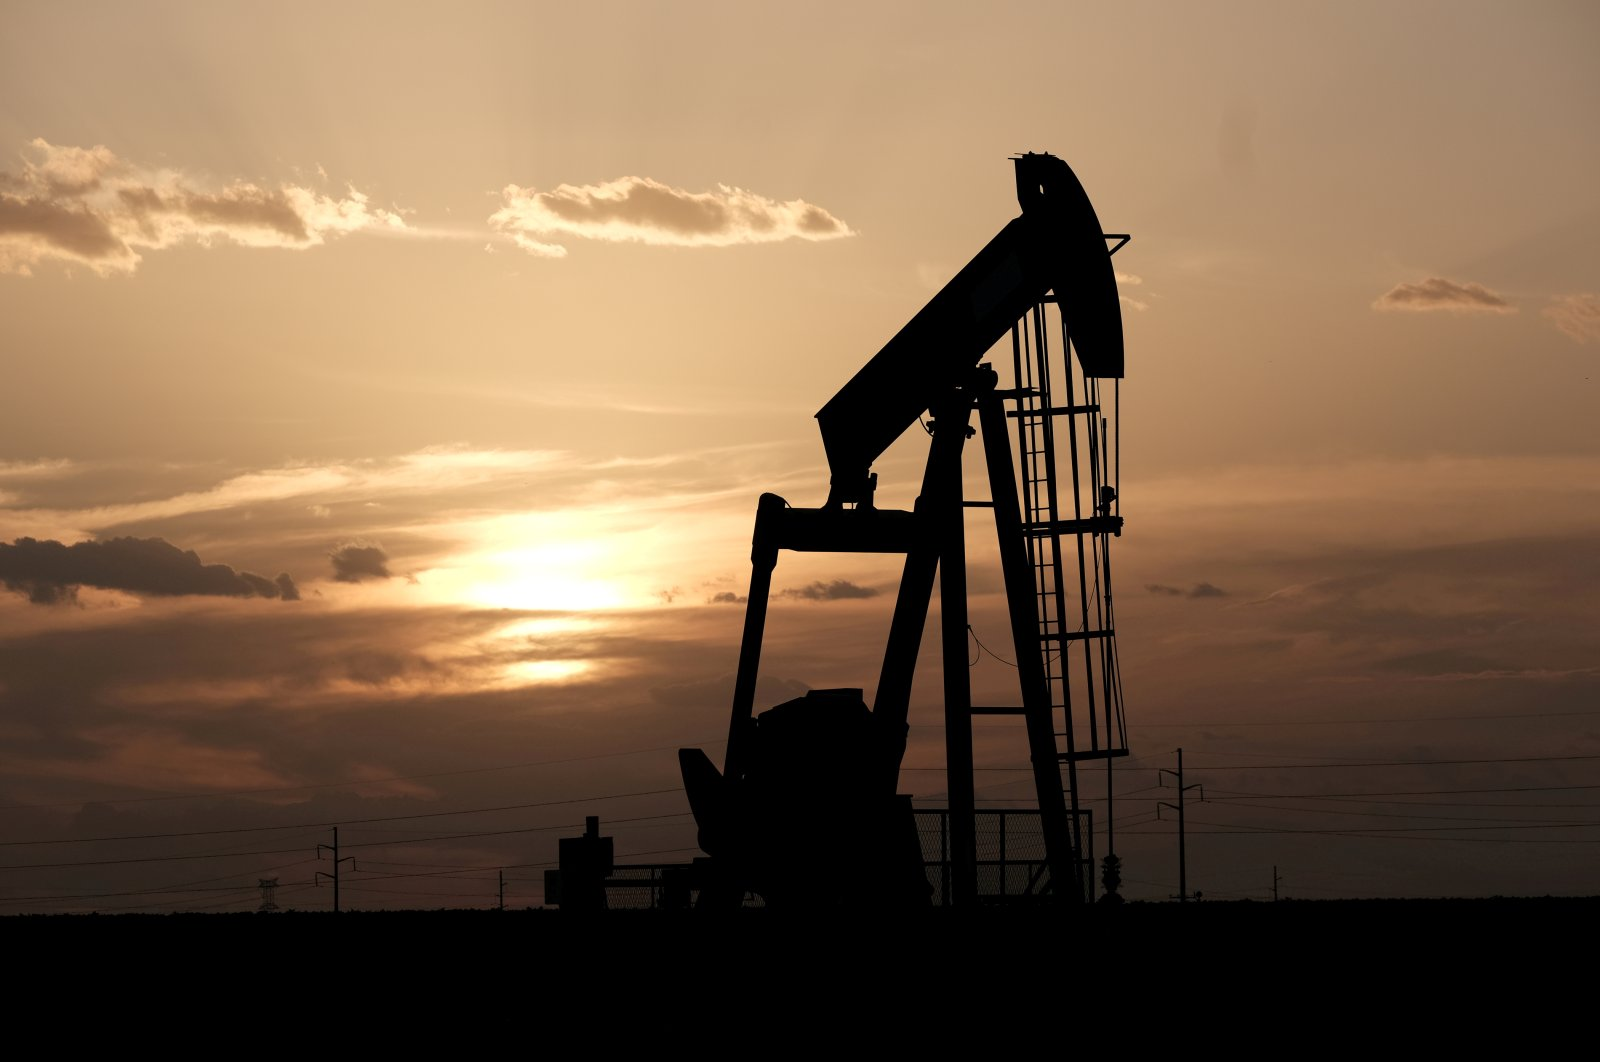 Oil pump jacks work at sunset near Midland, Texas, U.S., Aug. 21, 2019. (Reuters Photo)